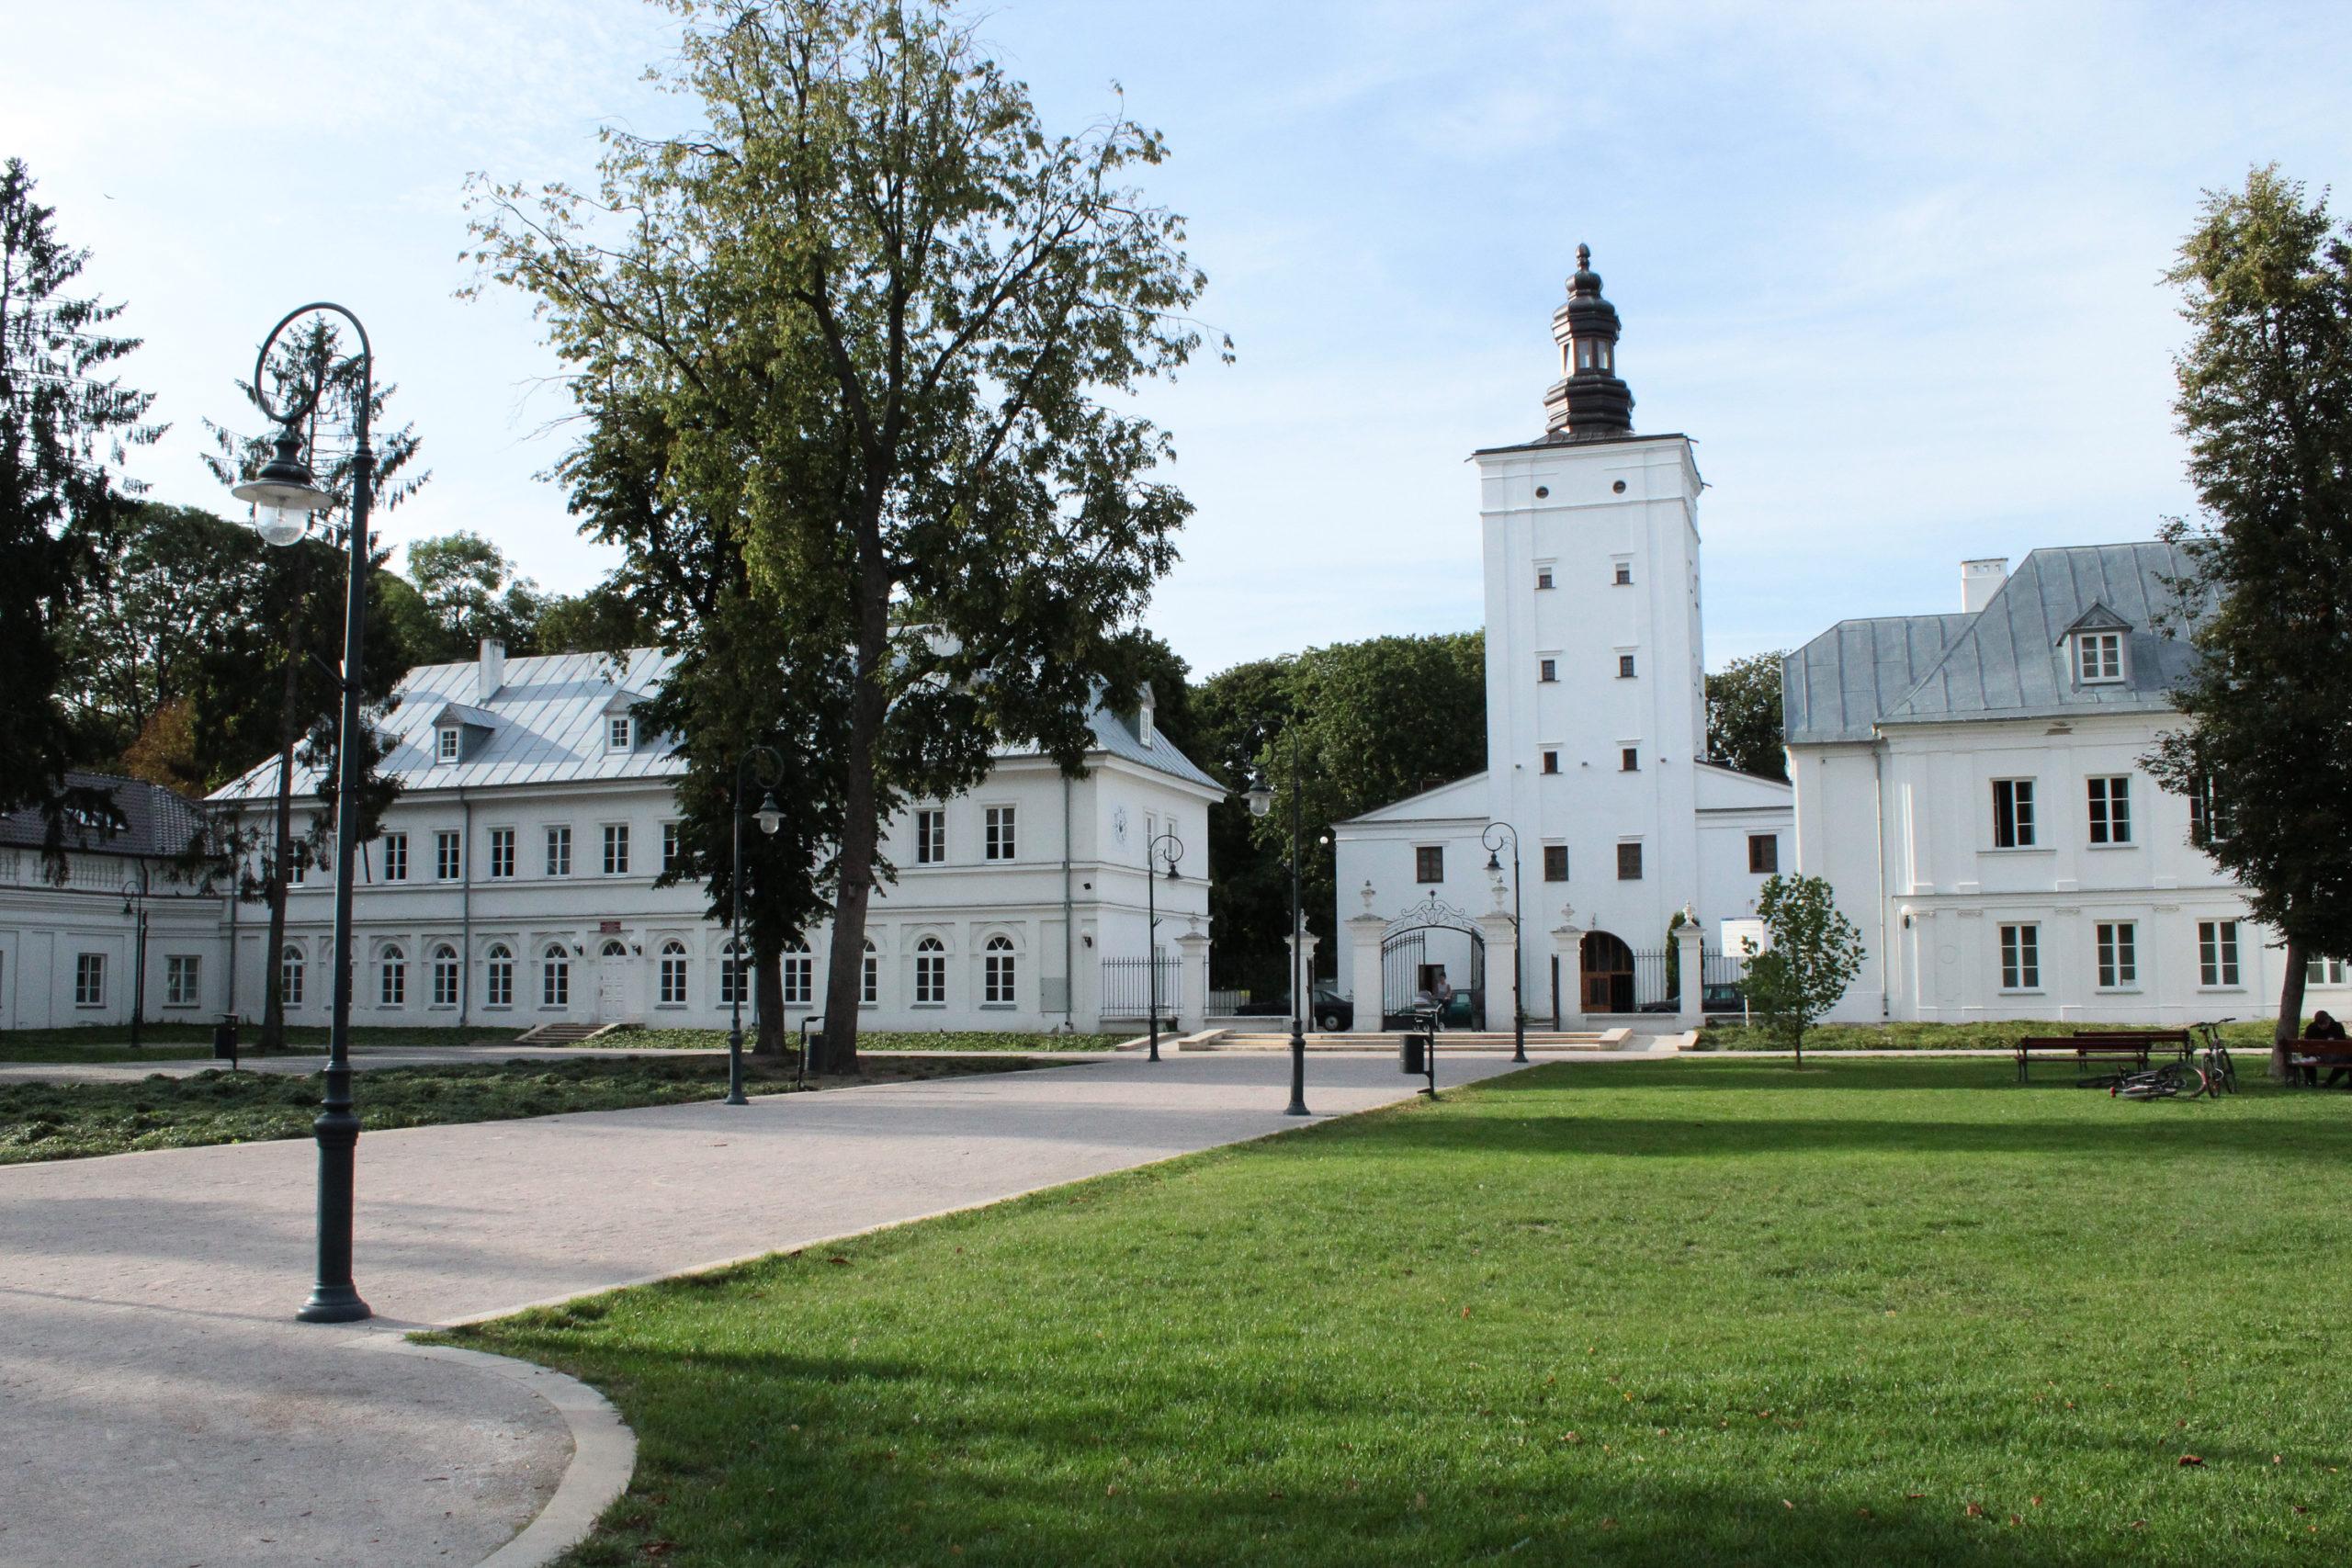 białe budynki i biały kościół